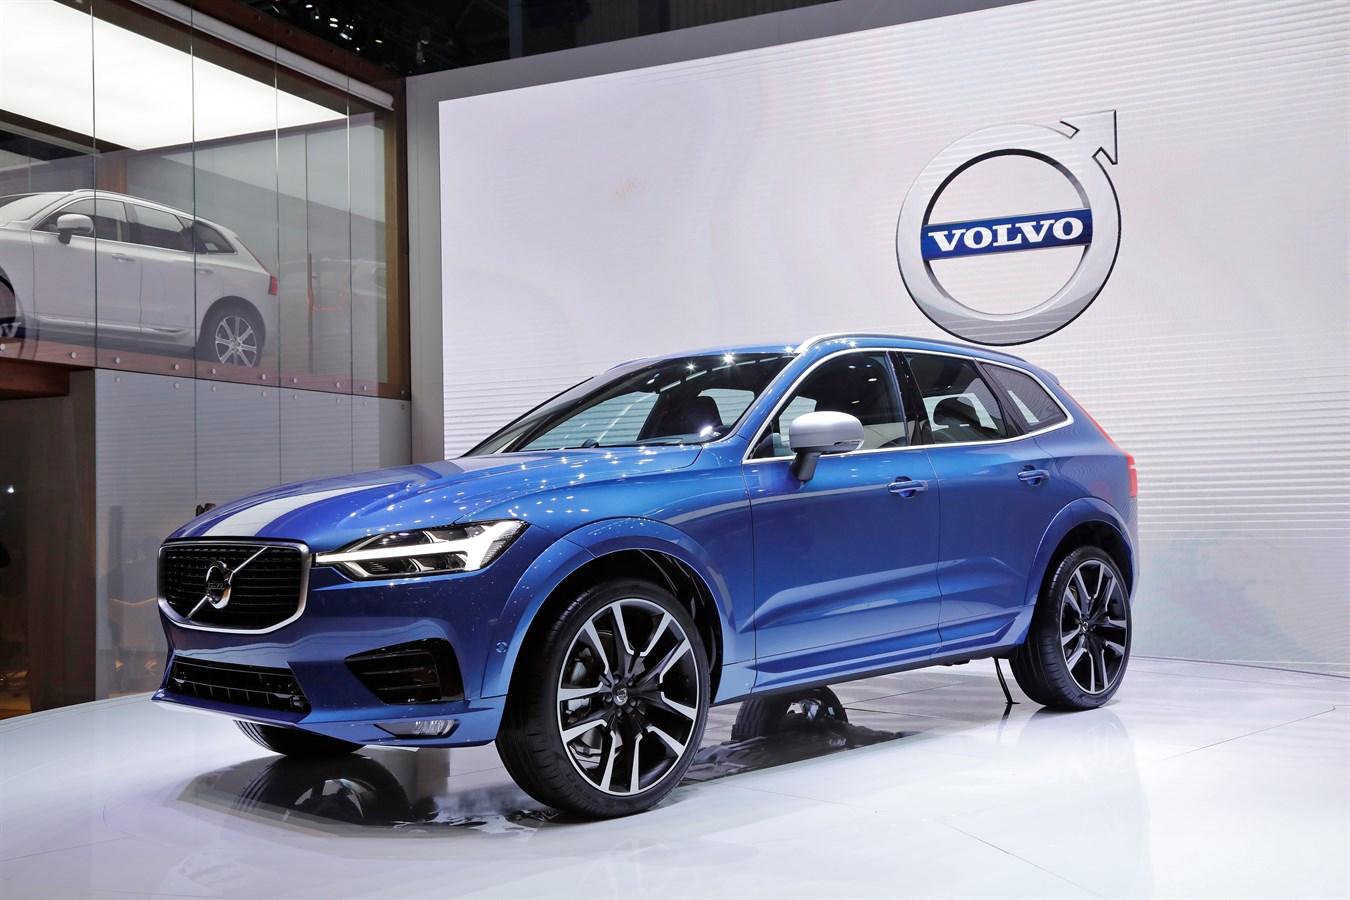 Nouveau Volvo XC60 Salon de Genève - 7 mars 2017 photo@Ace Team pour Volvo Car France, usage presse et réseaux sociaux exclusivement